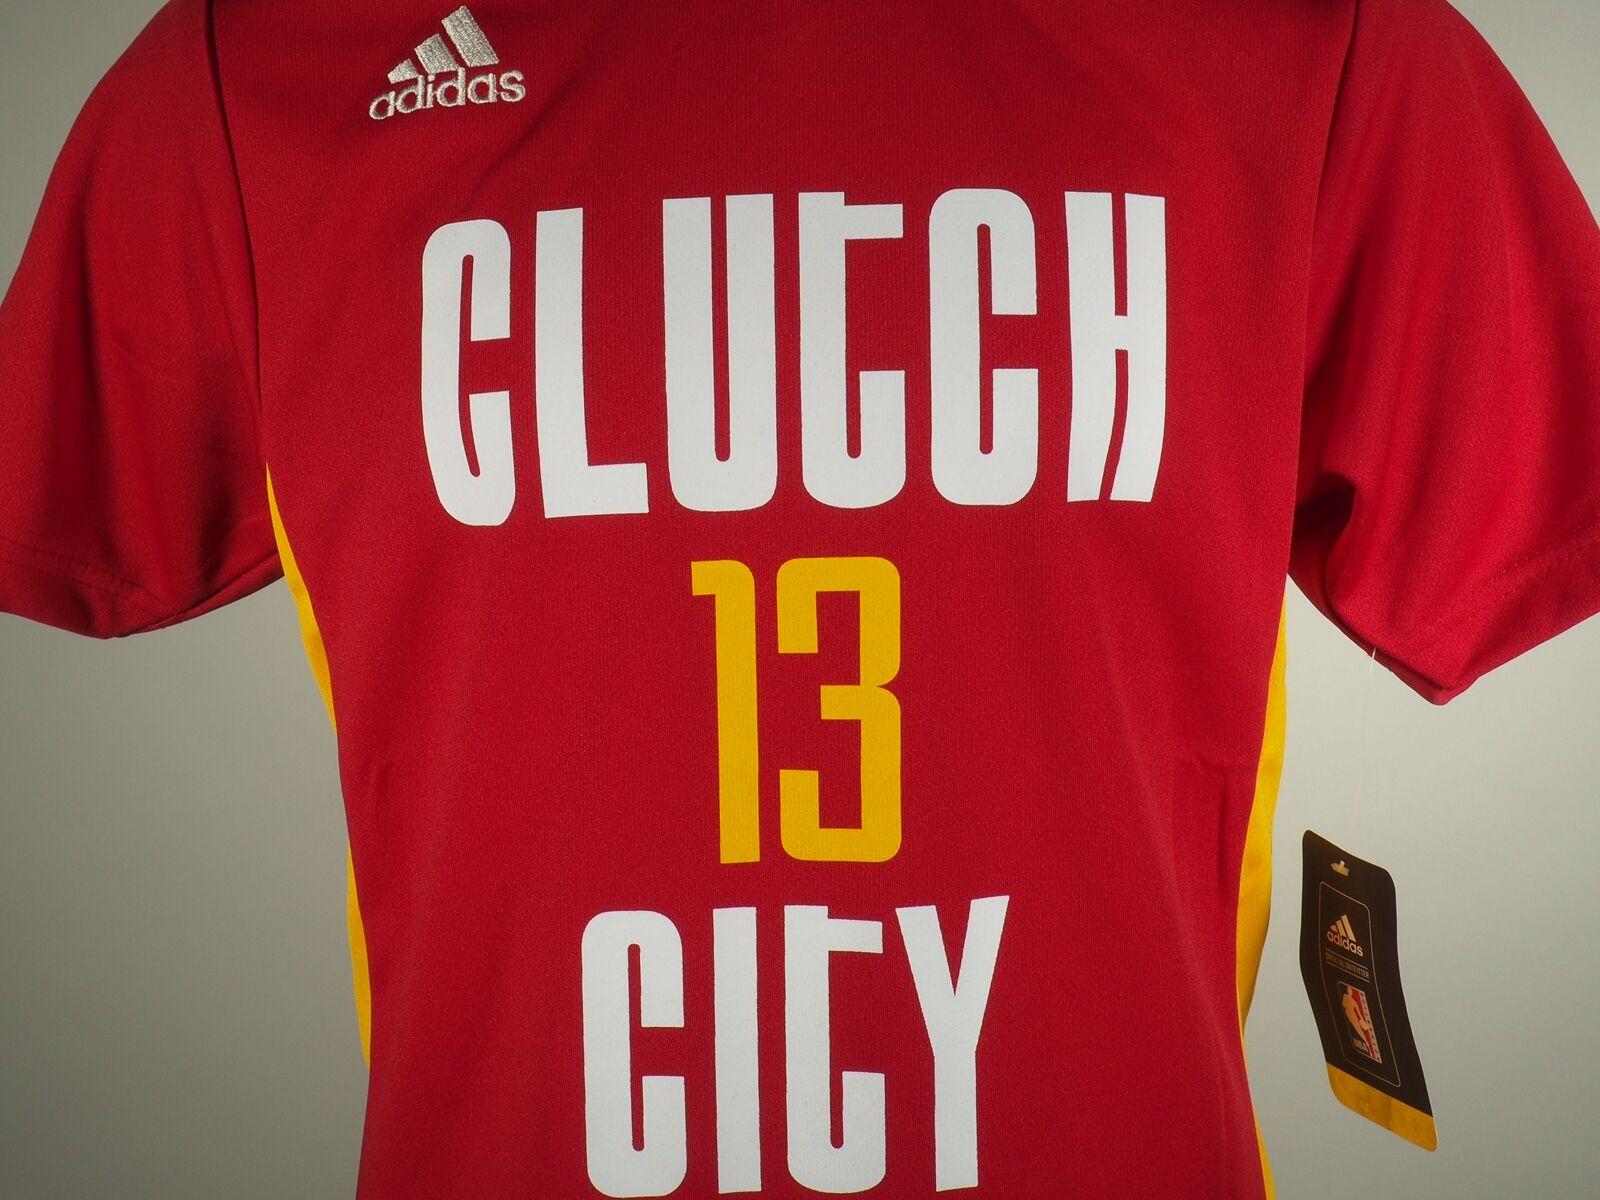 a8baf87e72b Adidas Houston Rockets Youth Size James Harden Clutch City Alternate Jersey  New